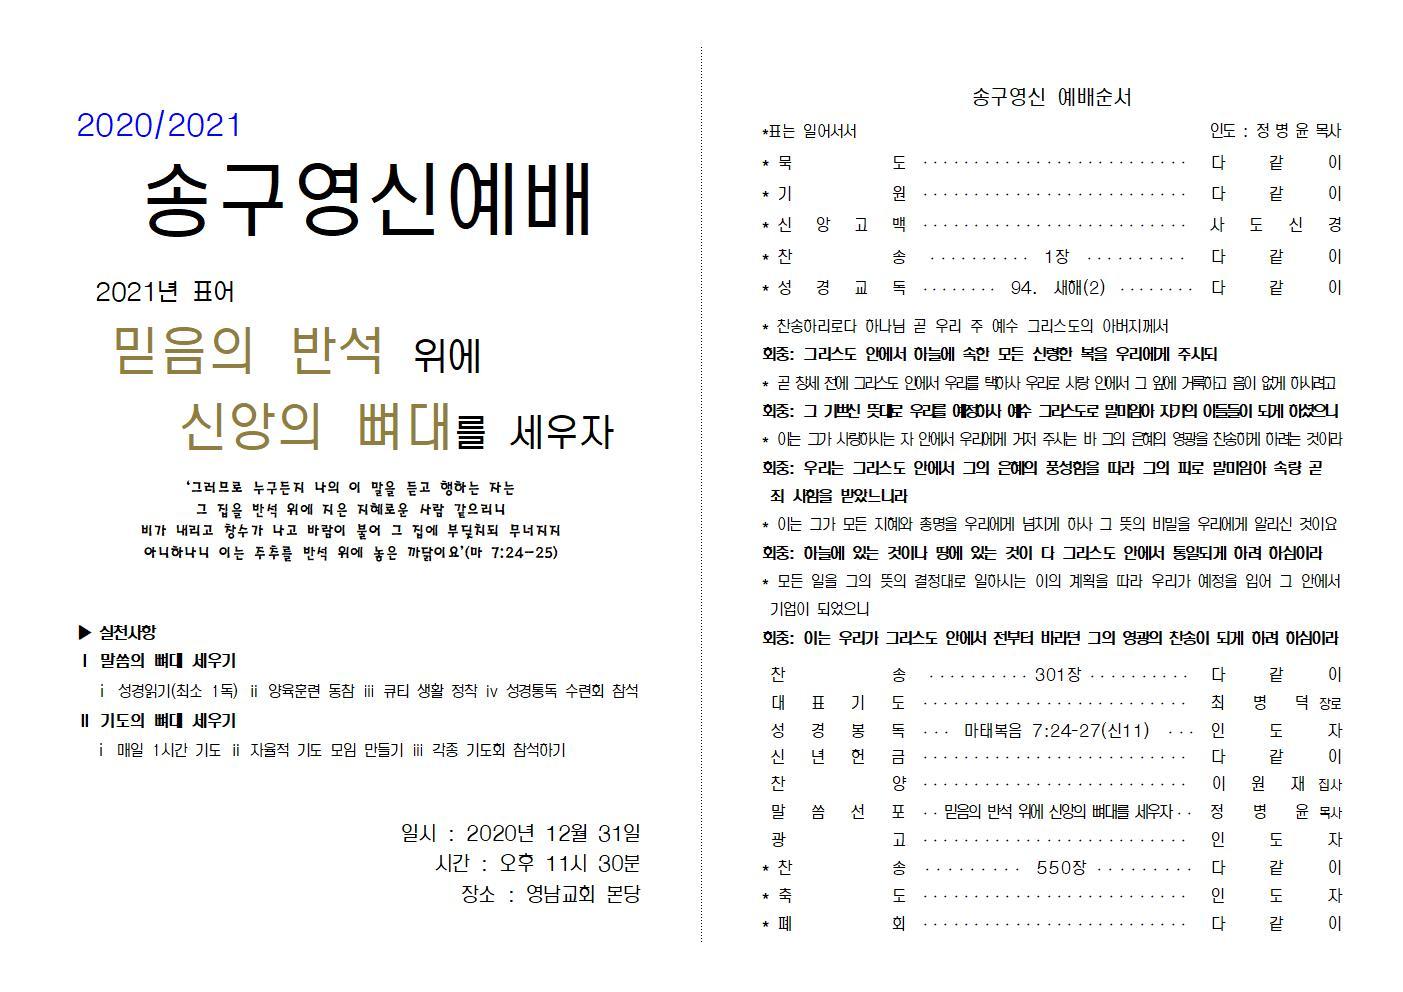 2020-21 송구영신예배순서지001.jpg